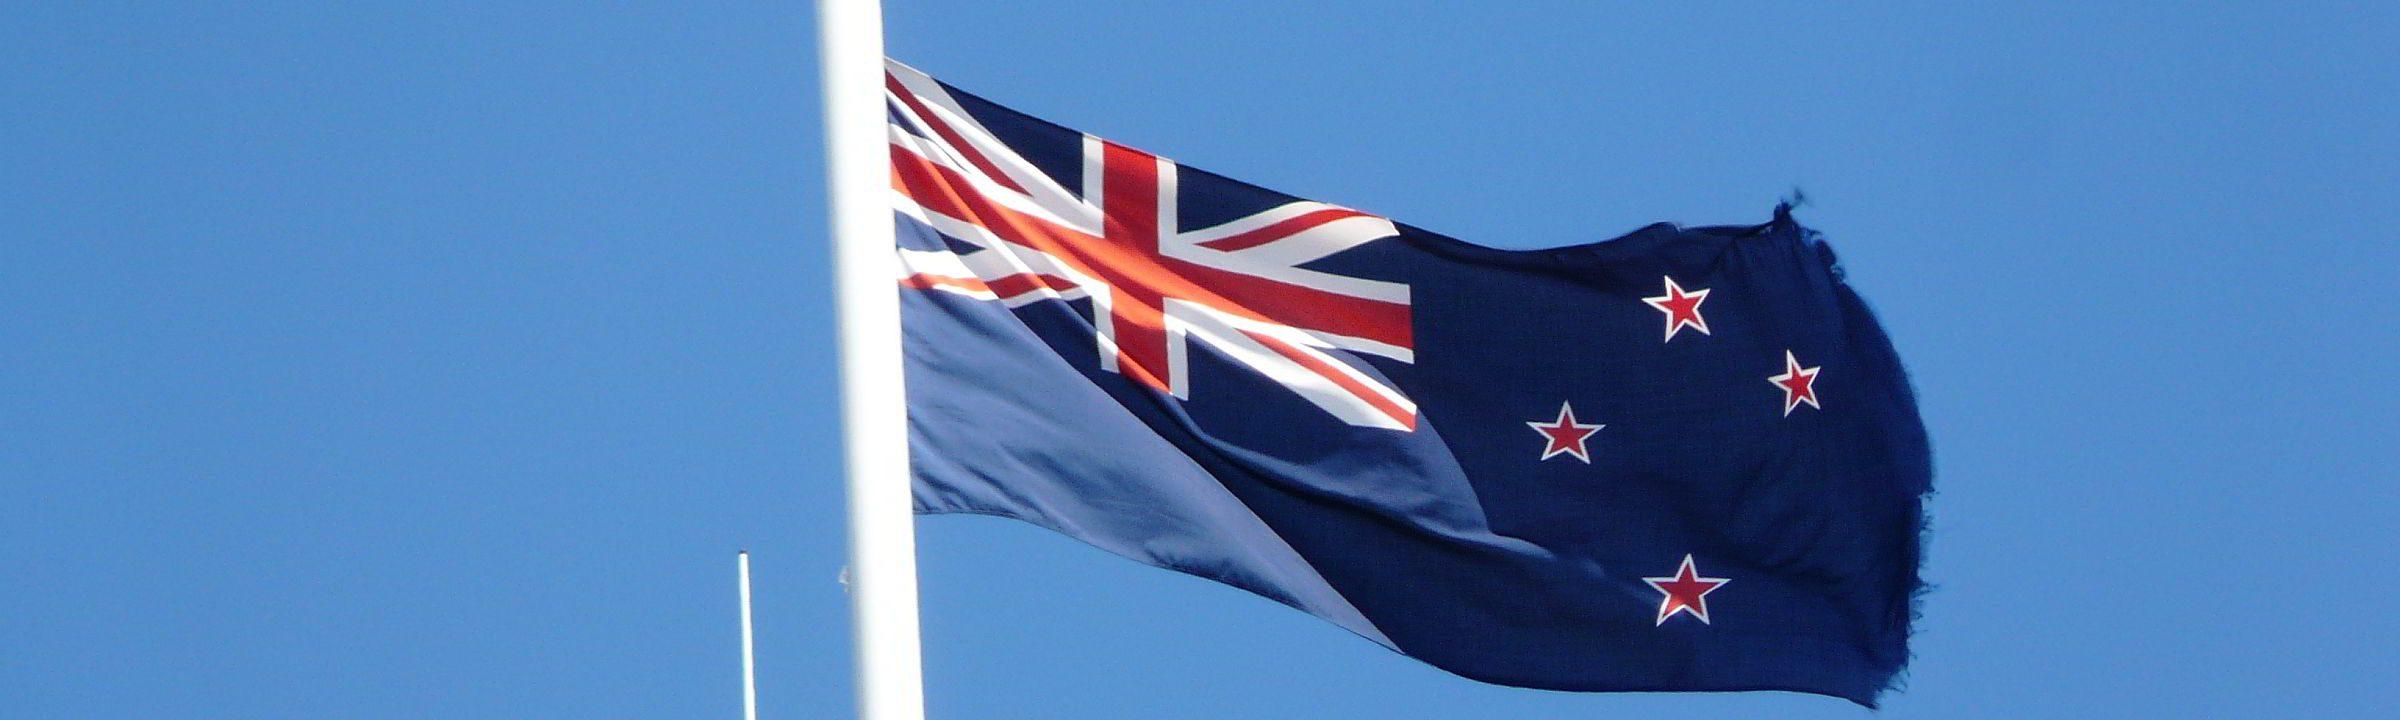 Neue Nationalflagge für Neuseeland? Die Diskussion geht weiter!